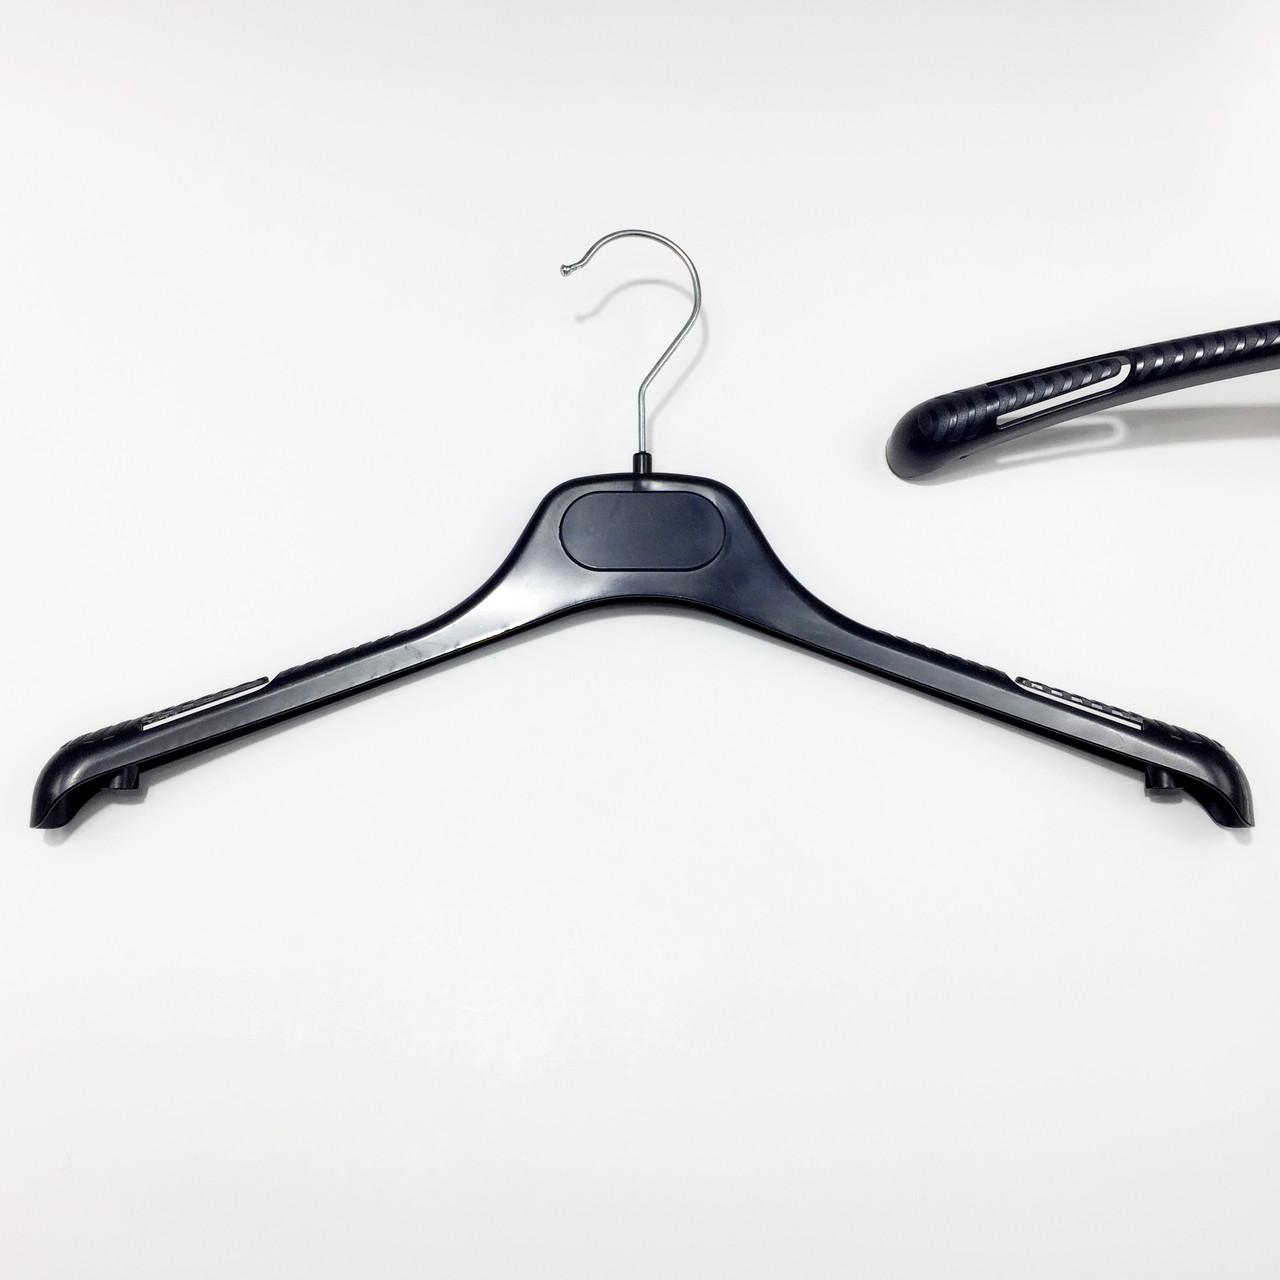 Пластиковые вешалки плечики для одежды W-TOP40 черного цвета, длина 400 мм